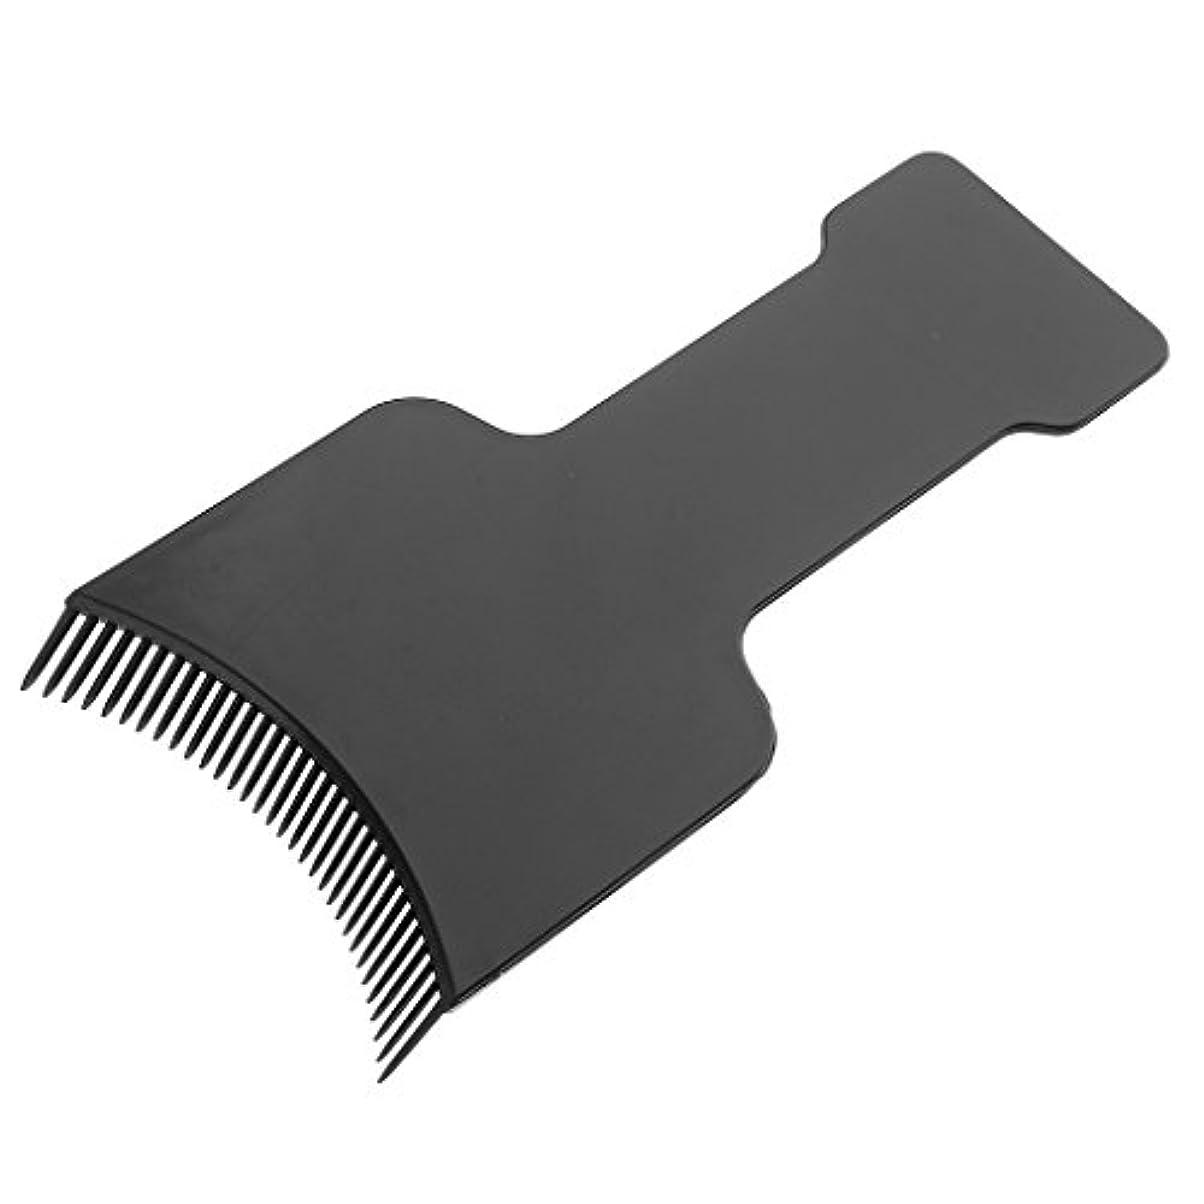 ご覧ください帳面お手伝いさんFenteer ヘアカラー ボード 髪 染色 ツール ブラック 全4サイズ - S